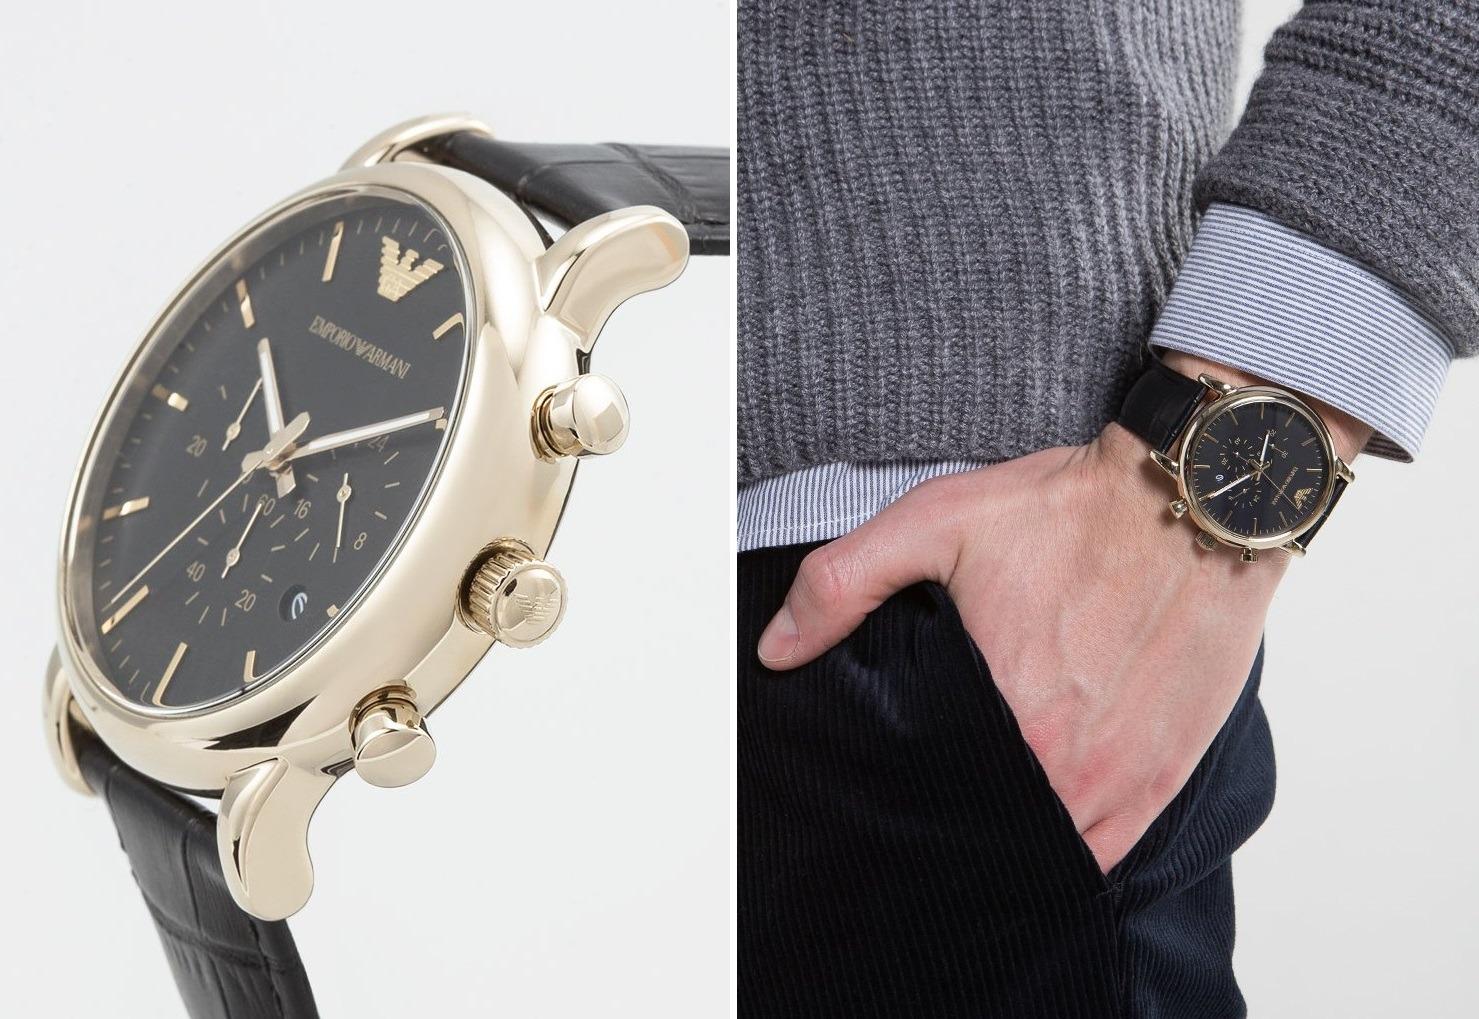 00f13306a247c Ekskluzywne zegarki Emporio Armani, które mężczyźni pokochali ...